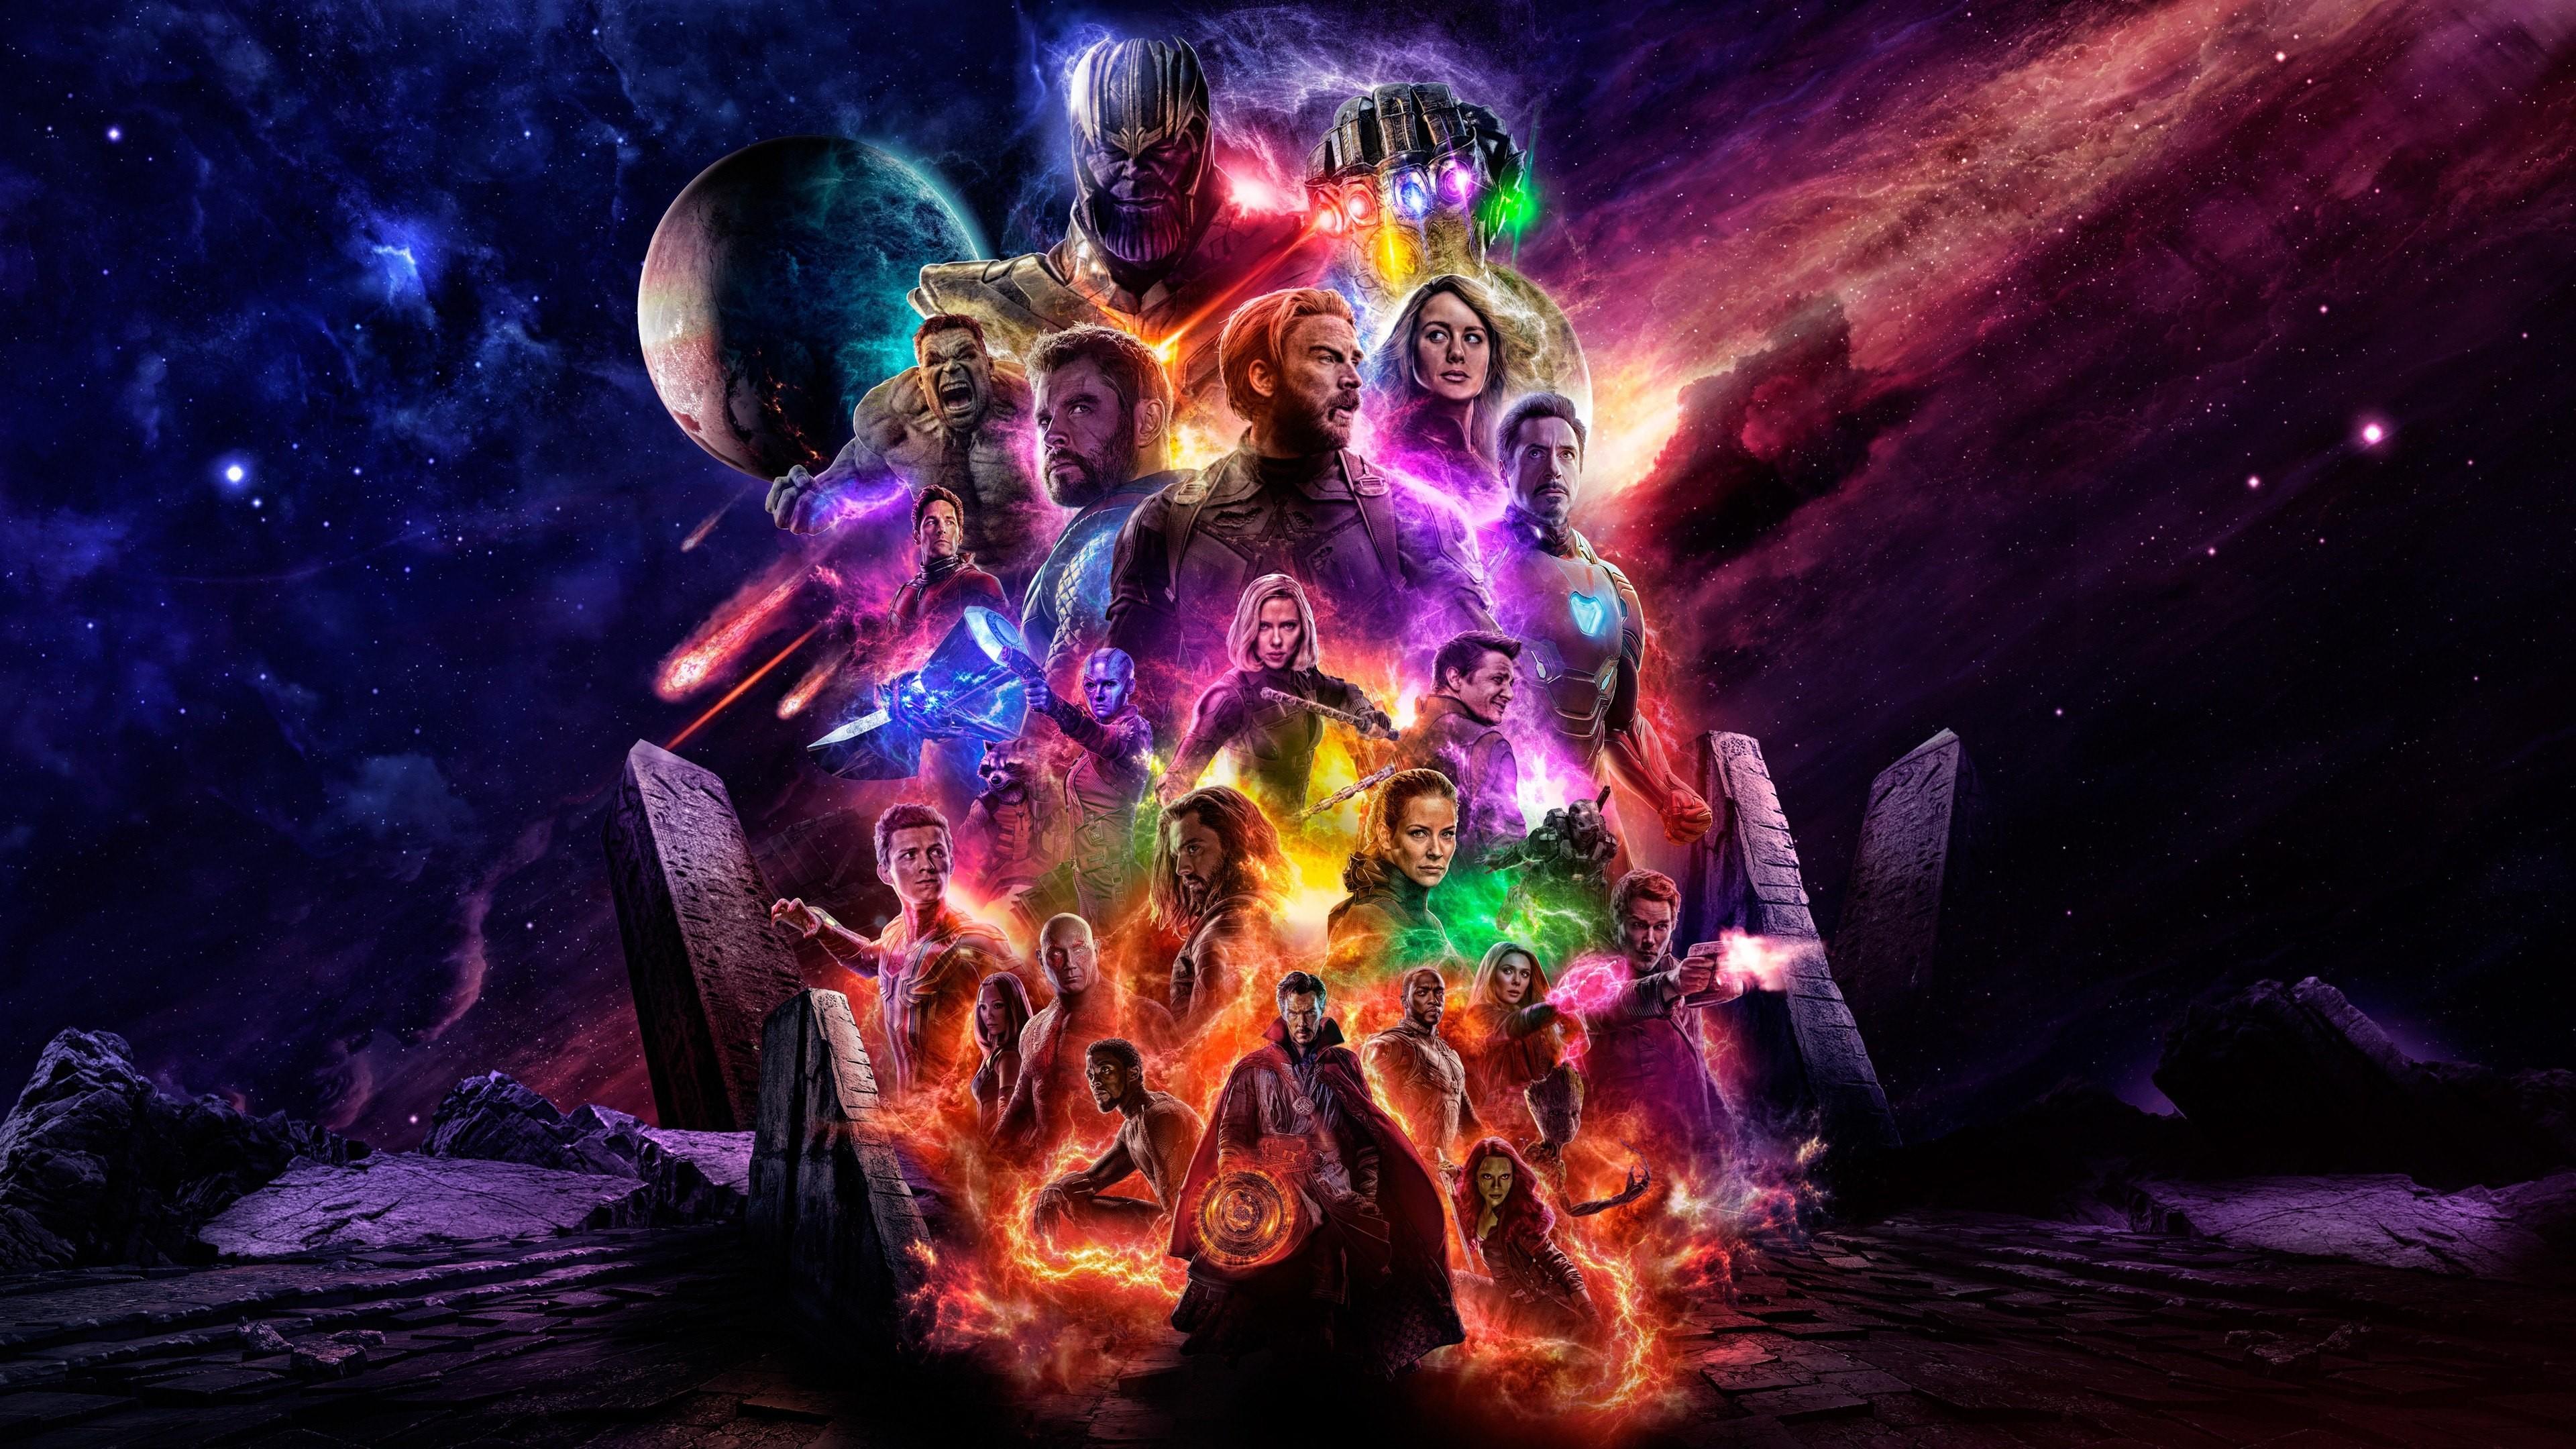 4k Avengers Endgame Desktop Hd Wallpapers 40030   Data-src - Avengers 4 Poster 4k - HD Wallpaper